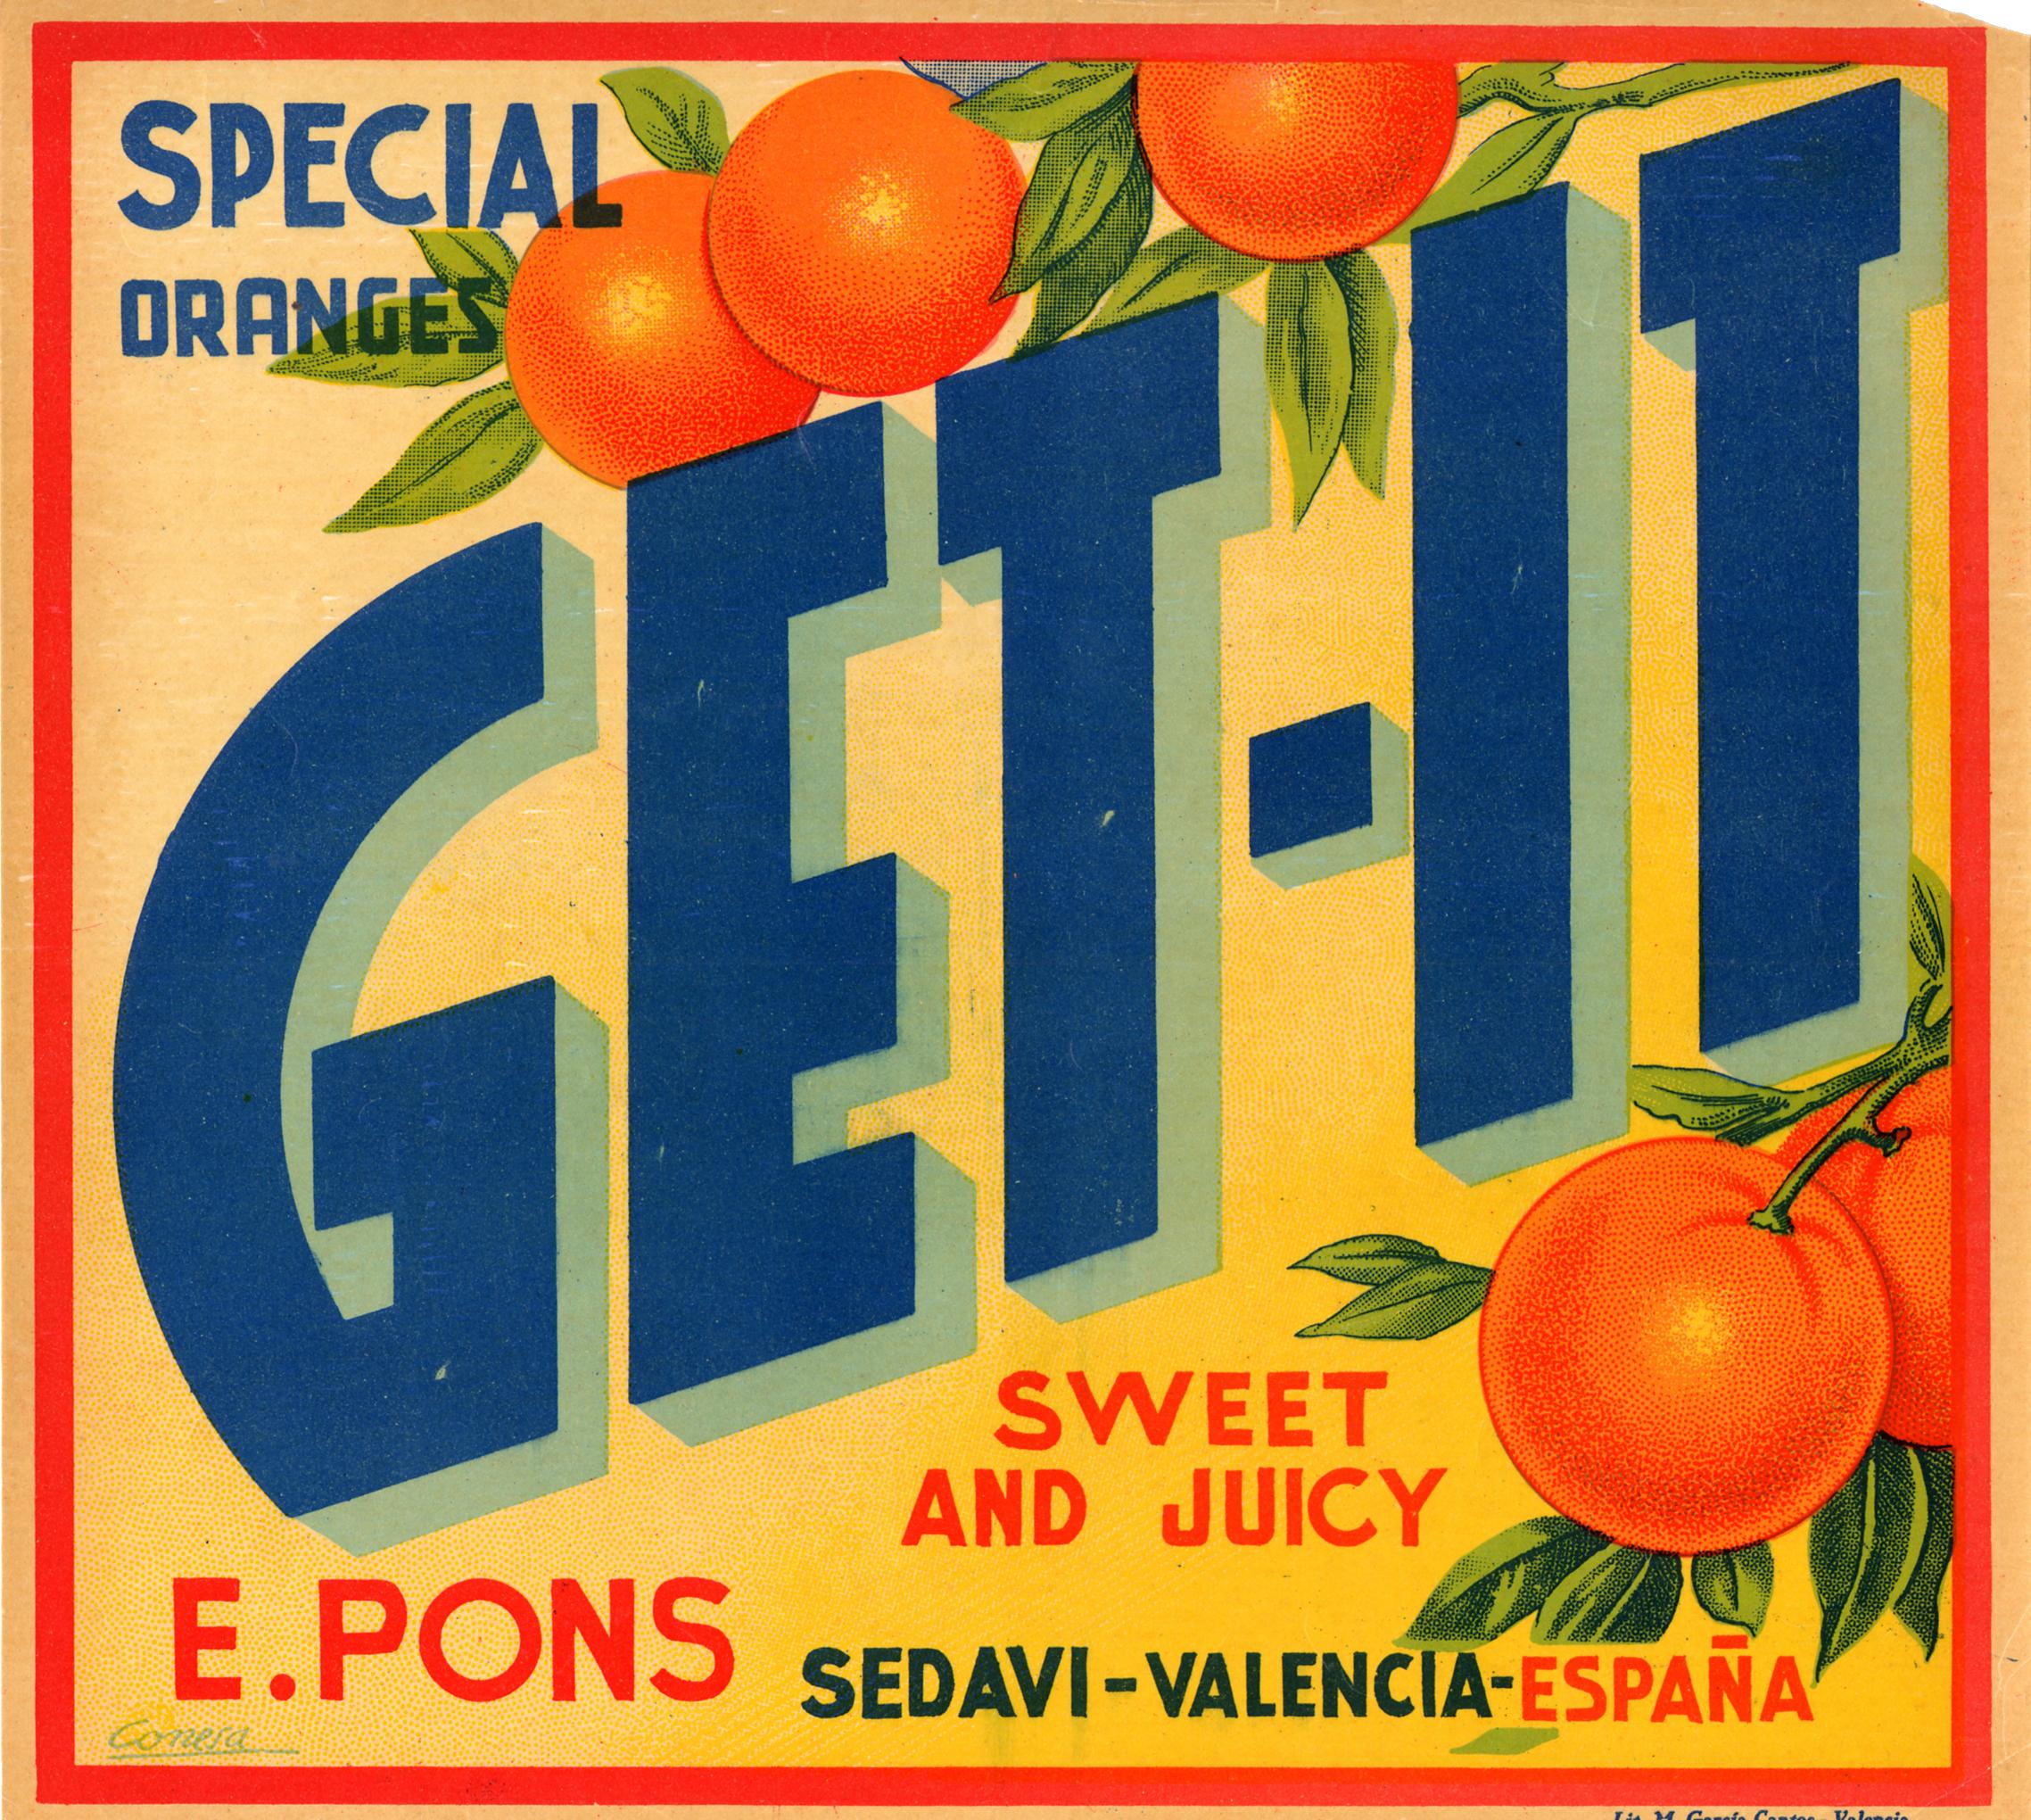 Etiqueta de taronges valencianes.